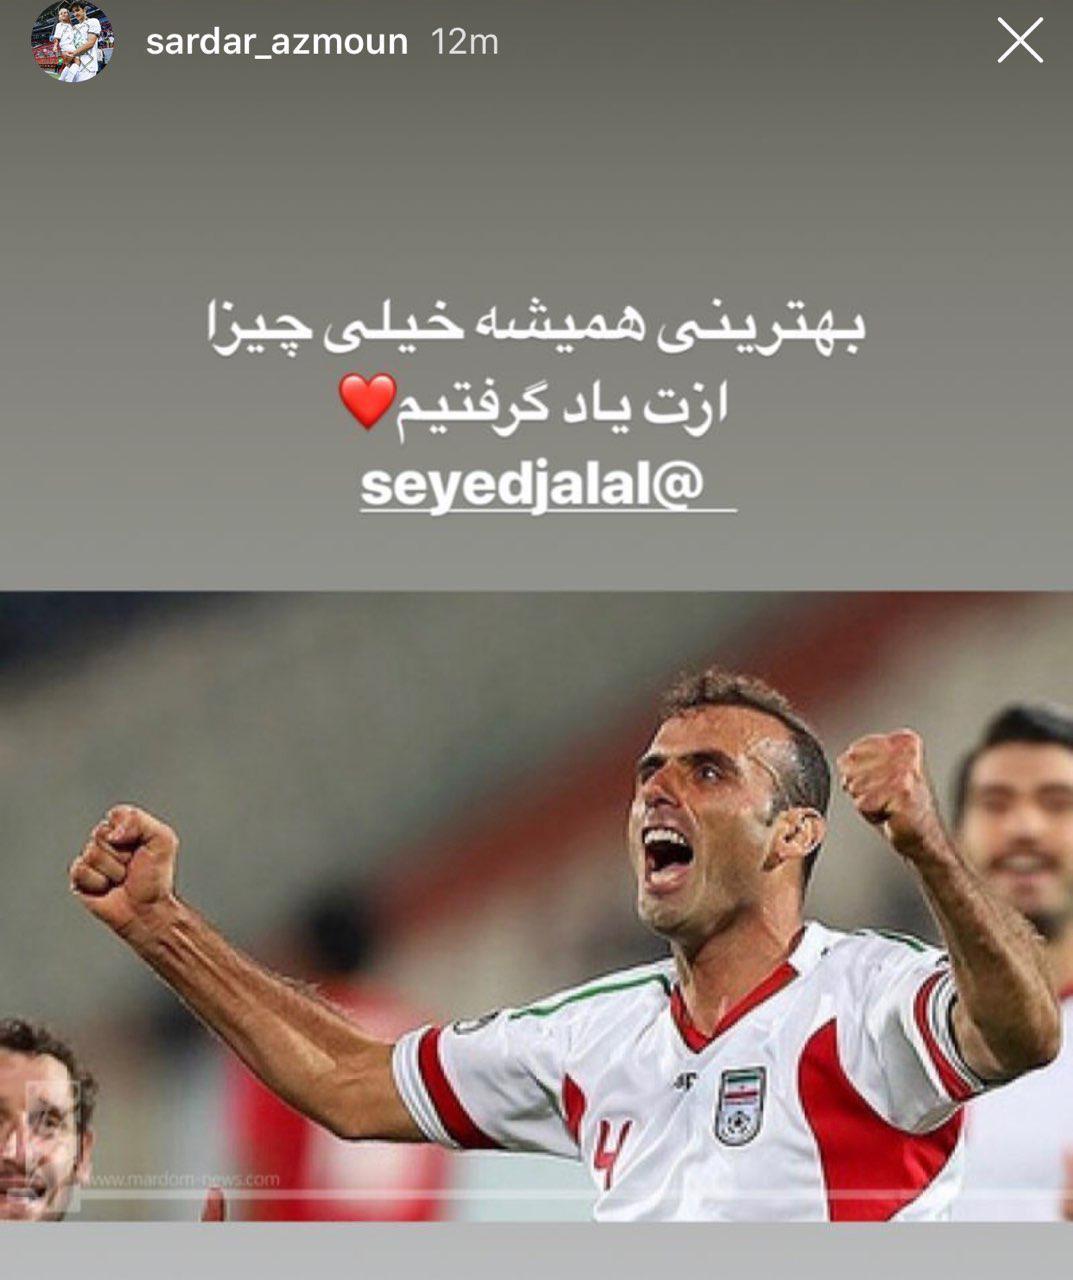 سیدجلال حسینی,اخبار ورزشی,خبرهای ورزشی,اخبار ورزشکاران